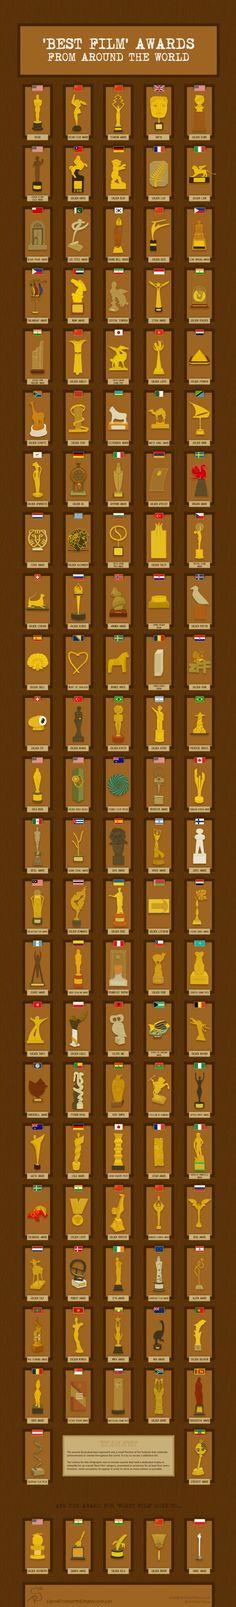 """Las estatuillas de los """"Oscar"""" de cada país, en una genial infografía"""